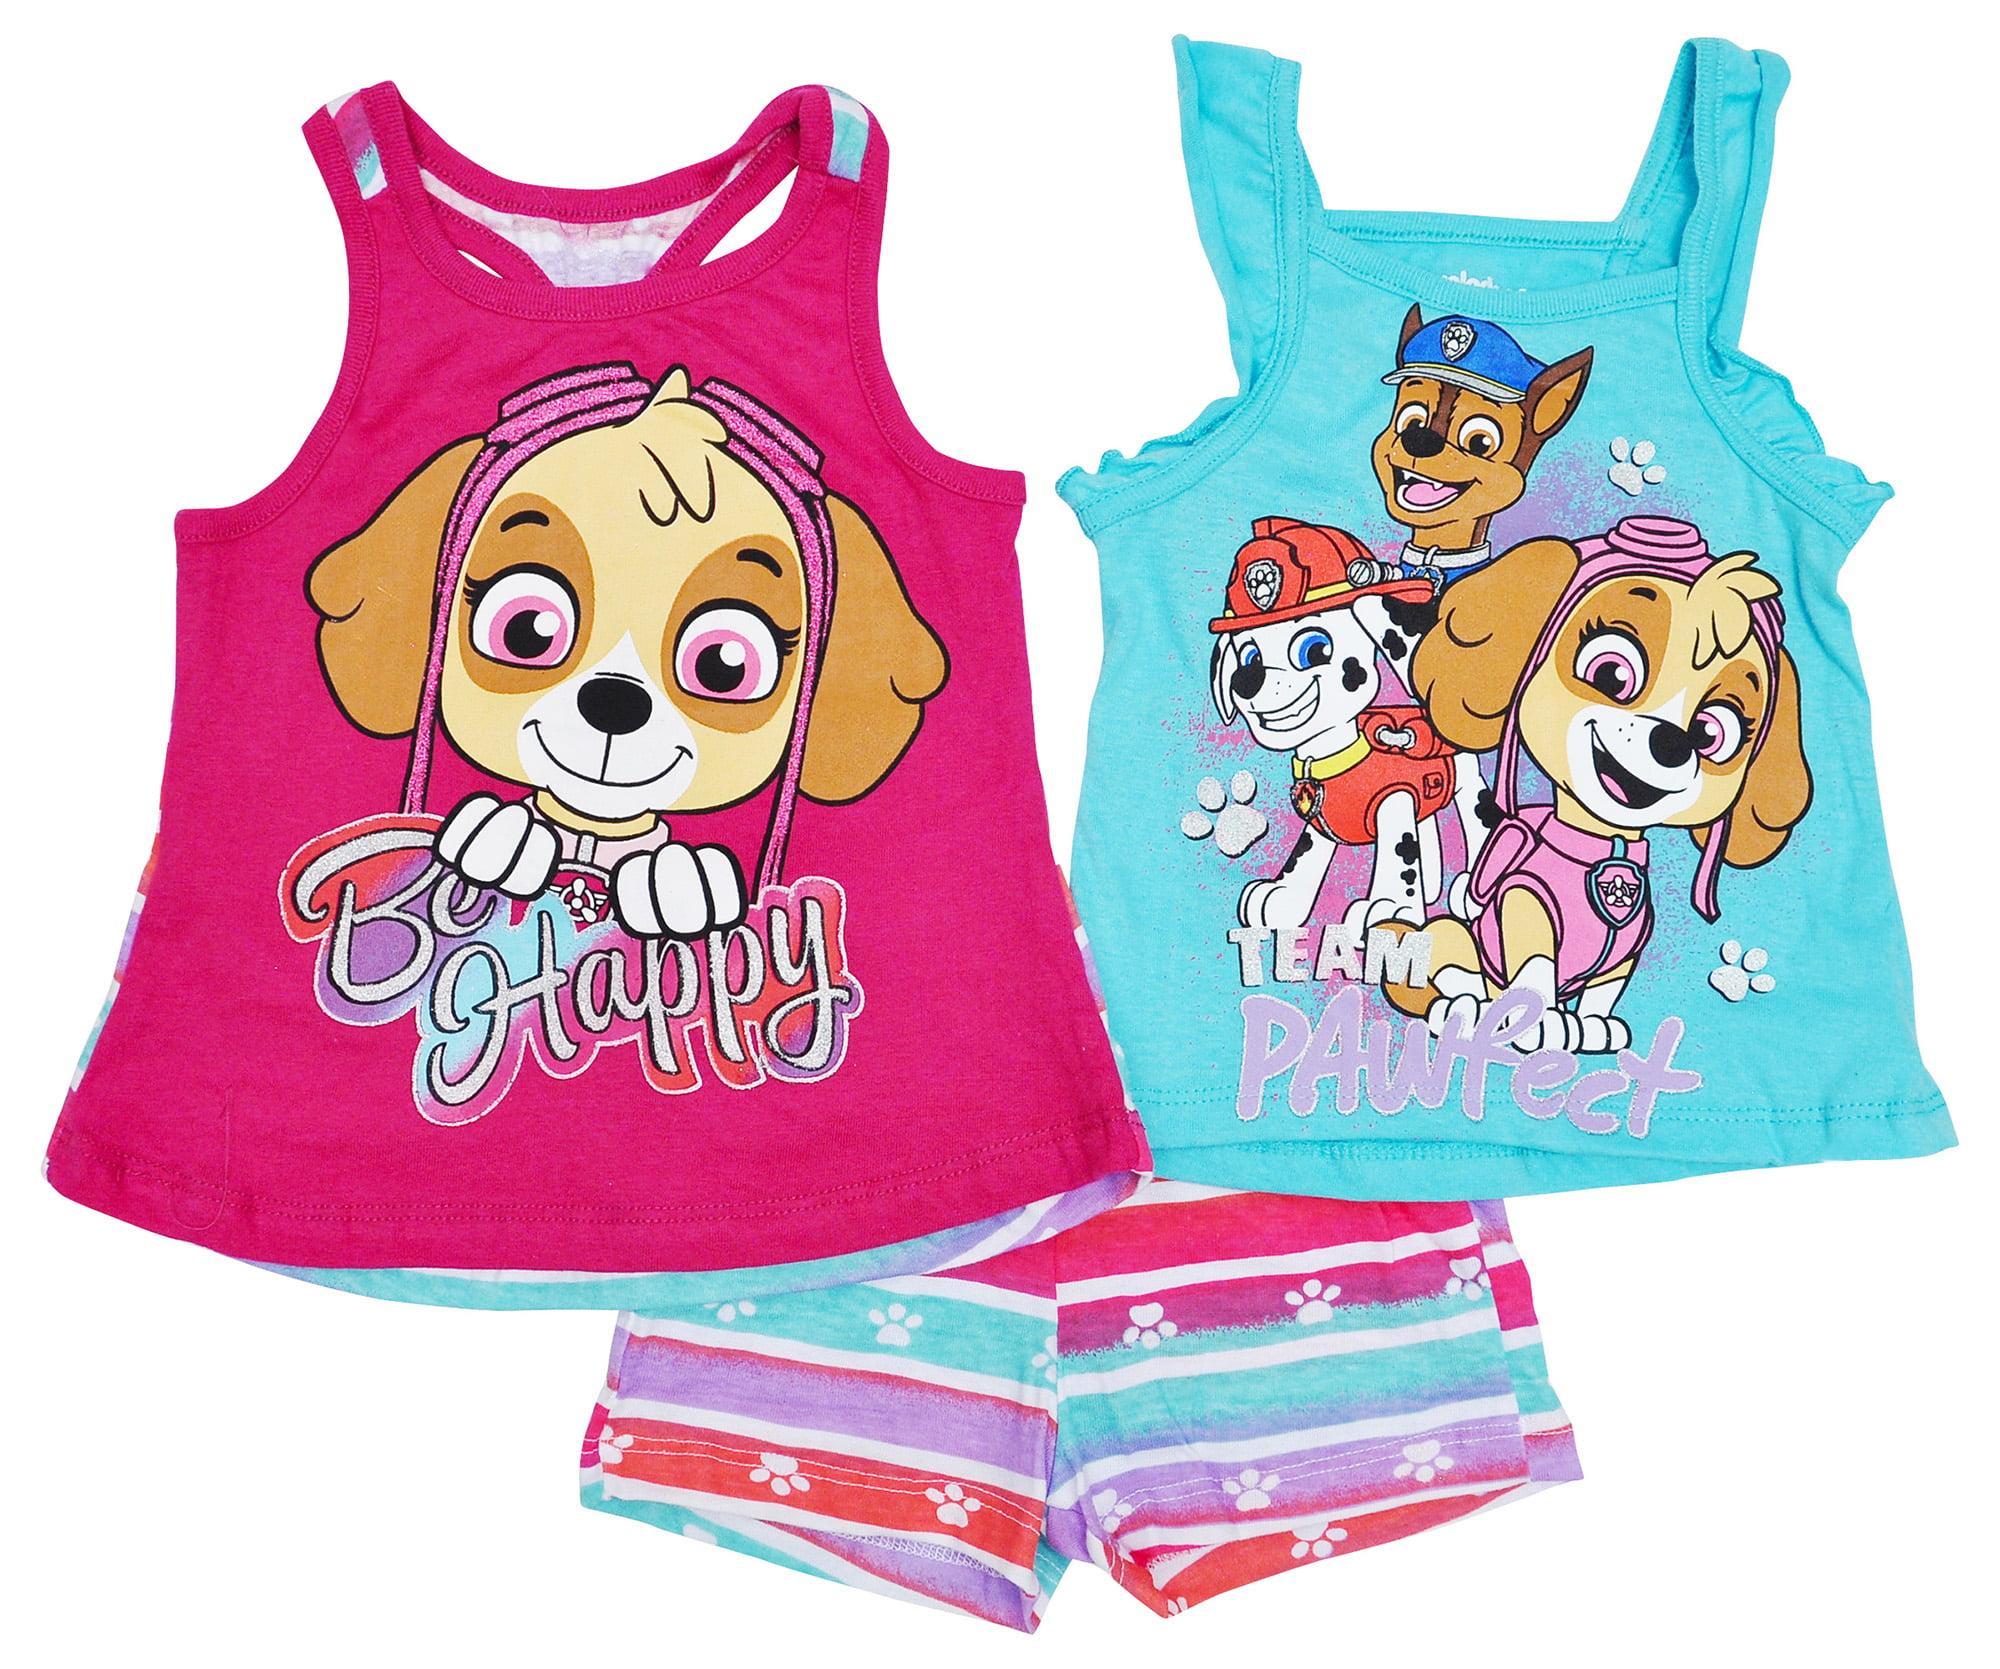 Paw Patrol Nickelodeon Toddler Girls Tank Top /& Shorts Size 2T